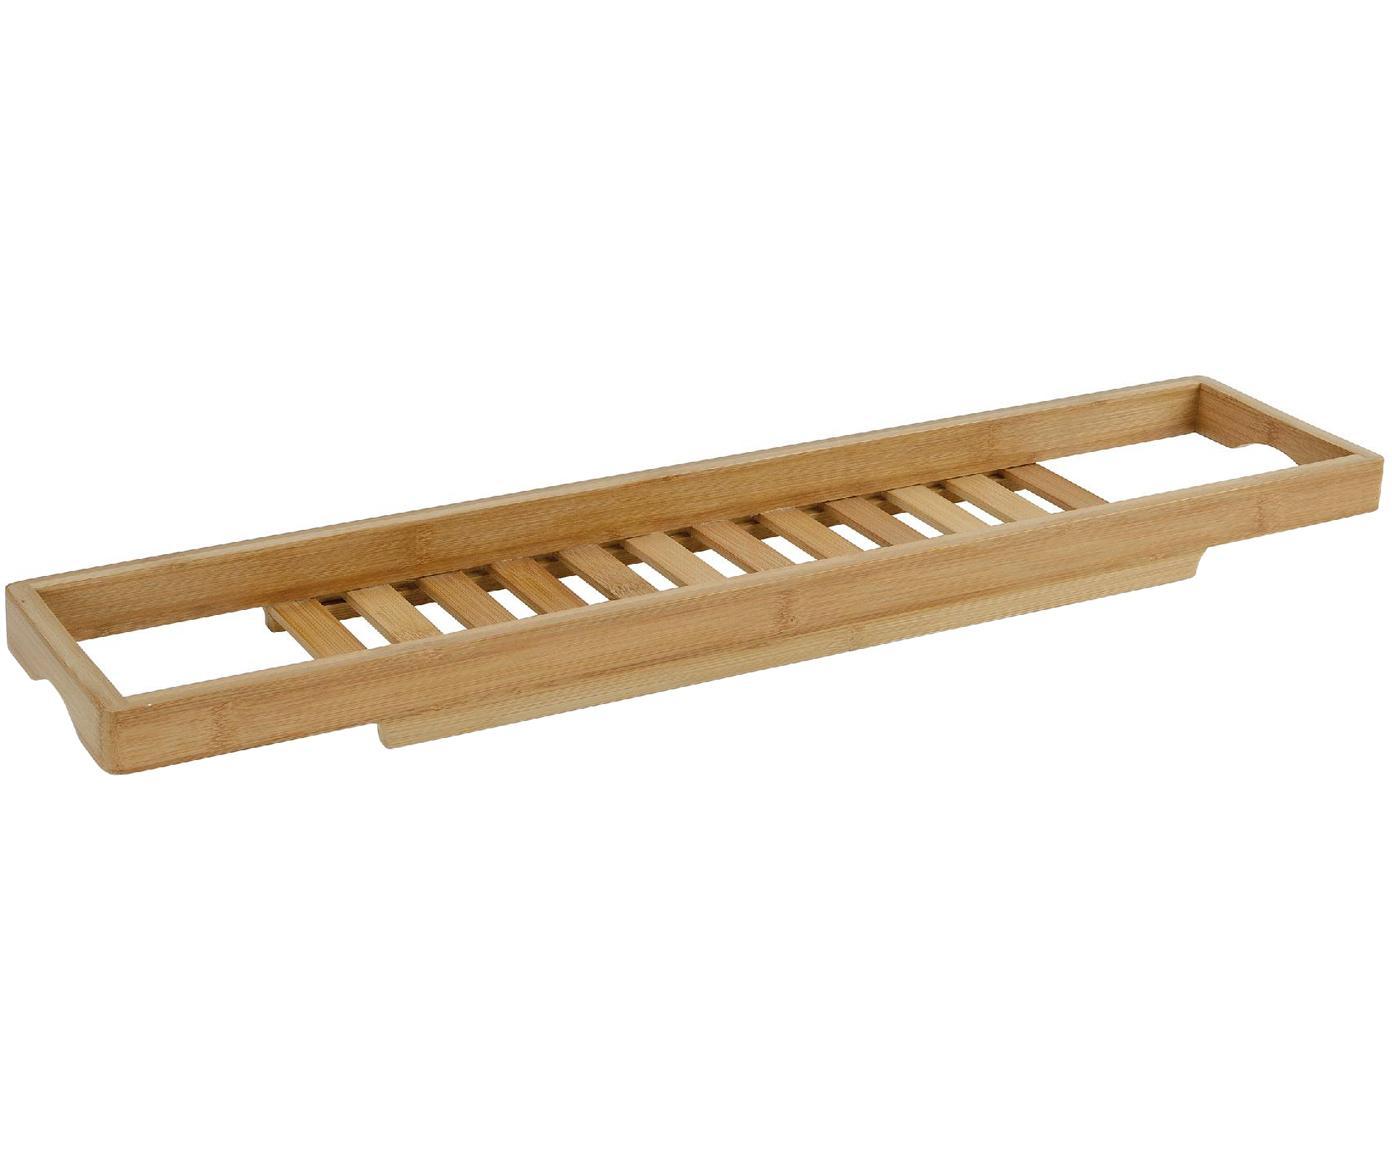 Półka do wanny z drewna bambusowegoThubi, Bambus, Drewno bambusowe, S 15 x D 70 cm